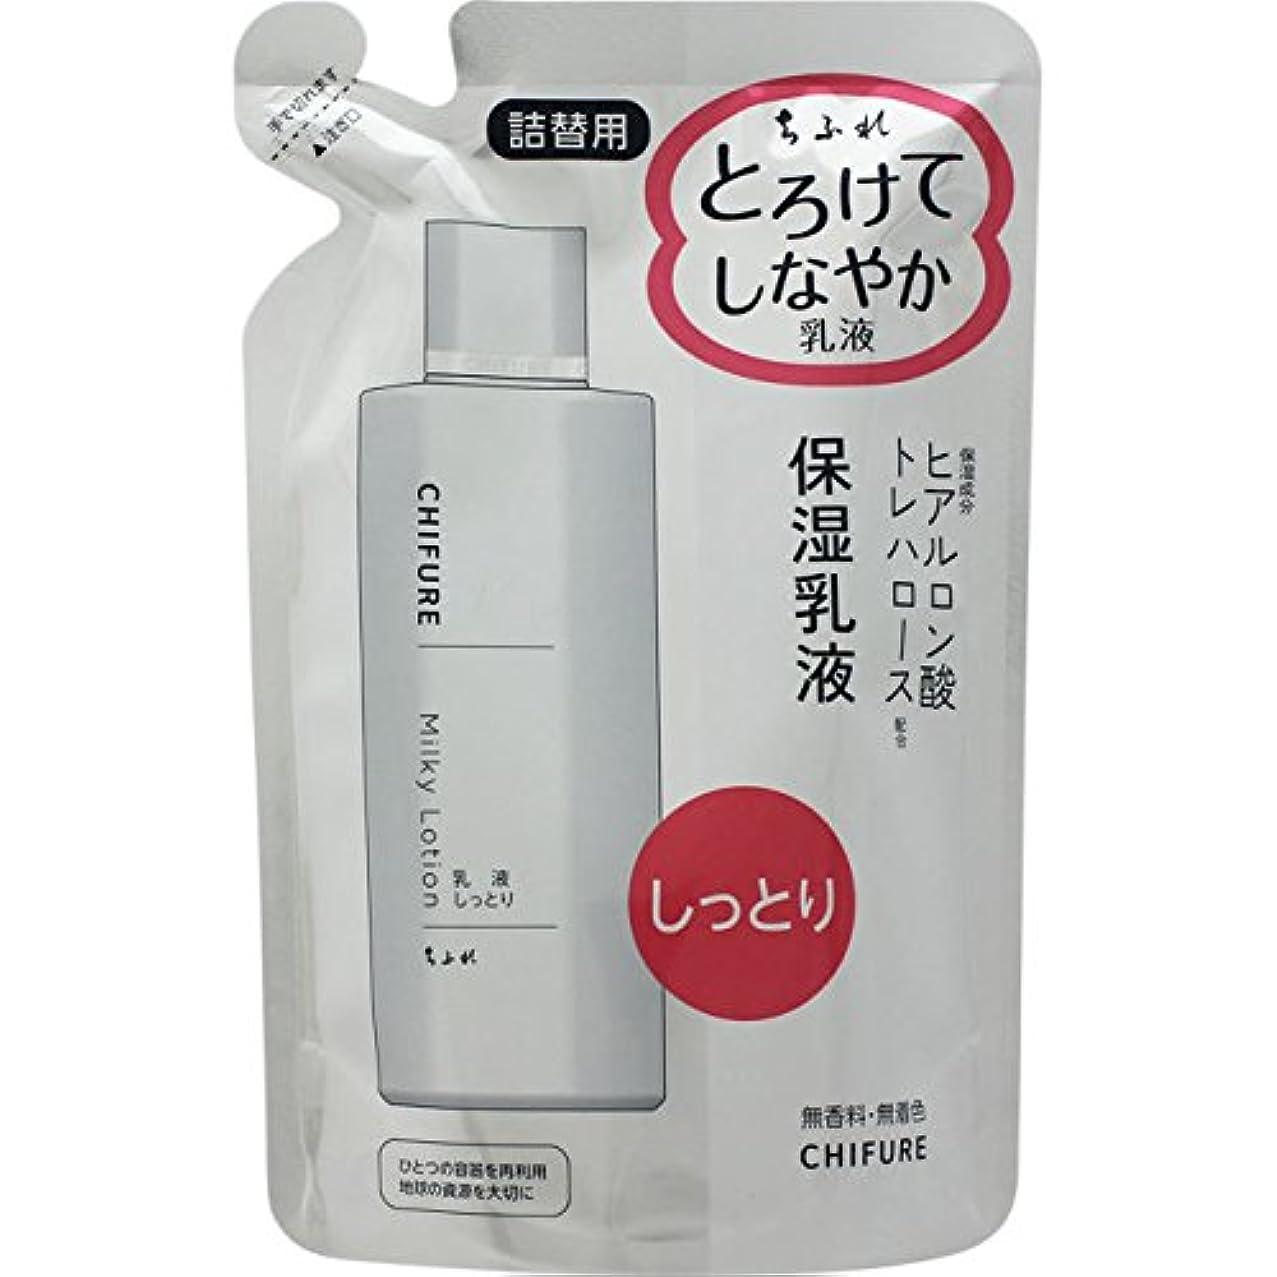 セージラック農民ちふれ化粧品 乳液しっとりタイプN詰替用 150ml 150ML